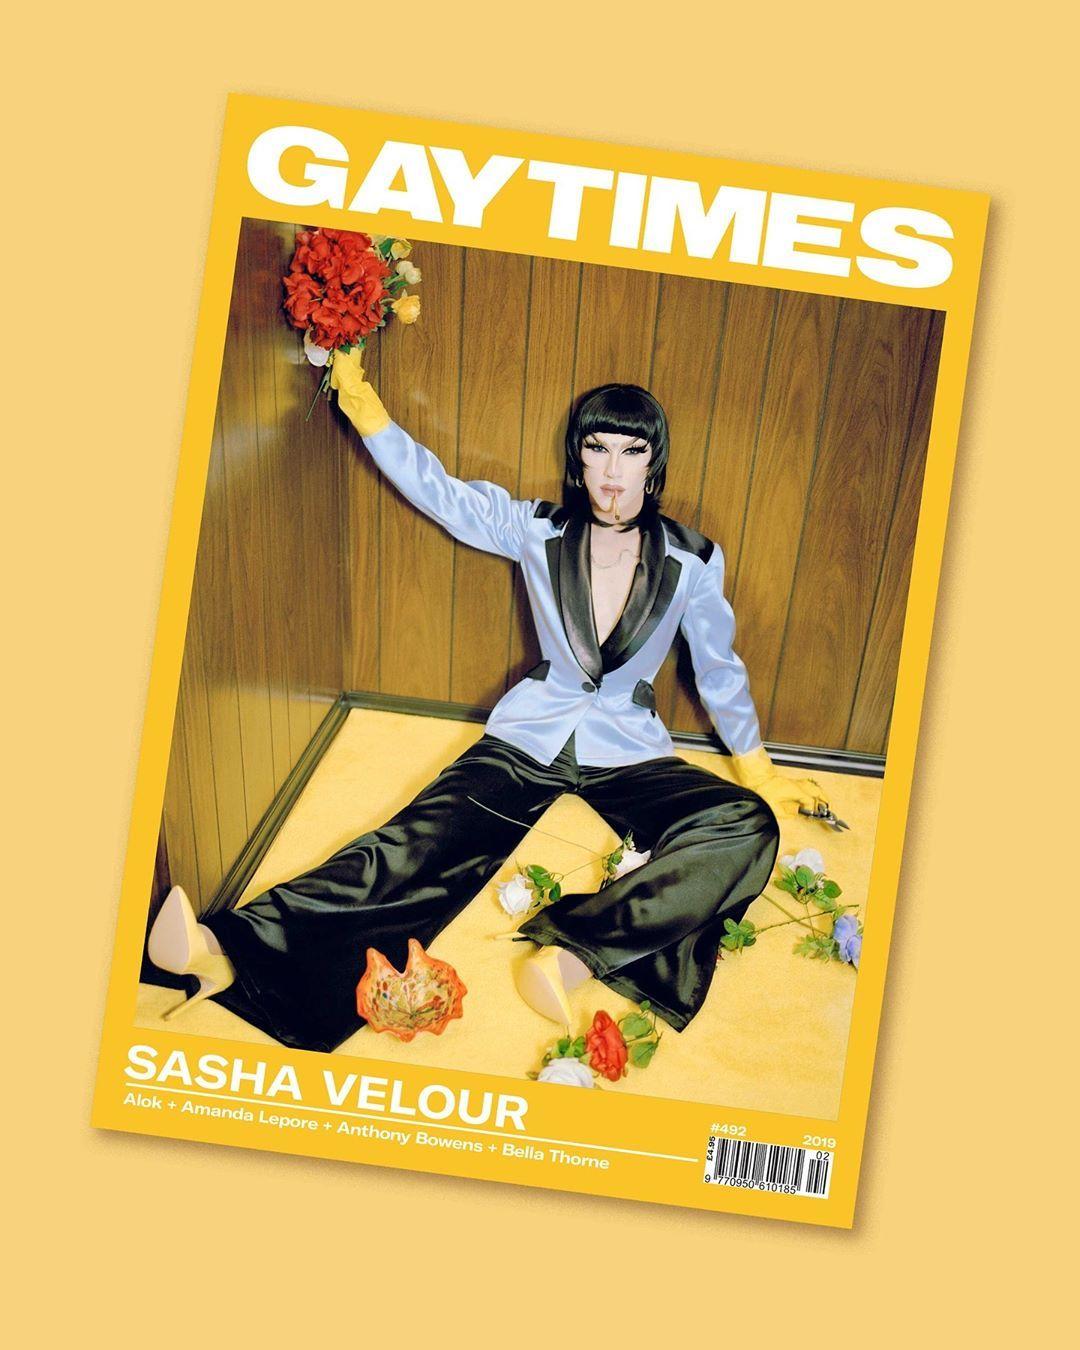 """Sasha Velour on Instagram """"SHE'S A COVER GIRL! For"""